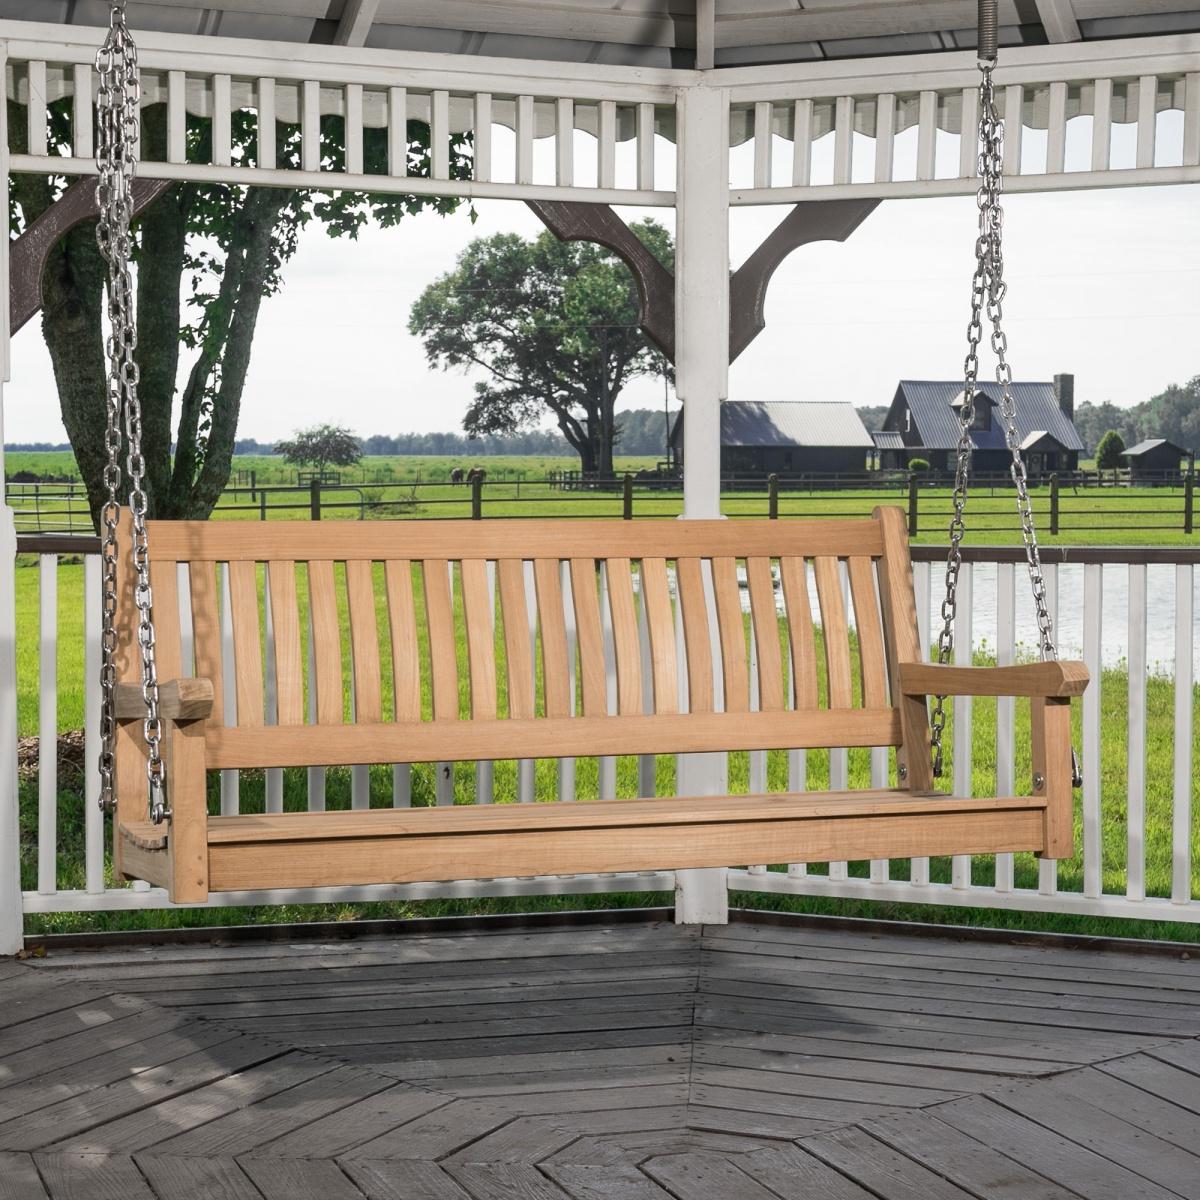 Veranda Hanging Teak Porch Swing Within 2020 Teak Porch Swings (View 13 of 25)